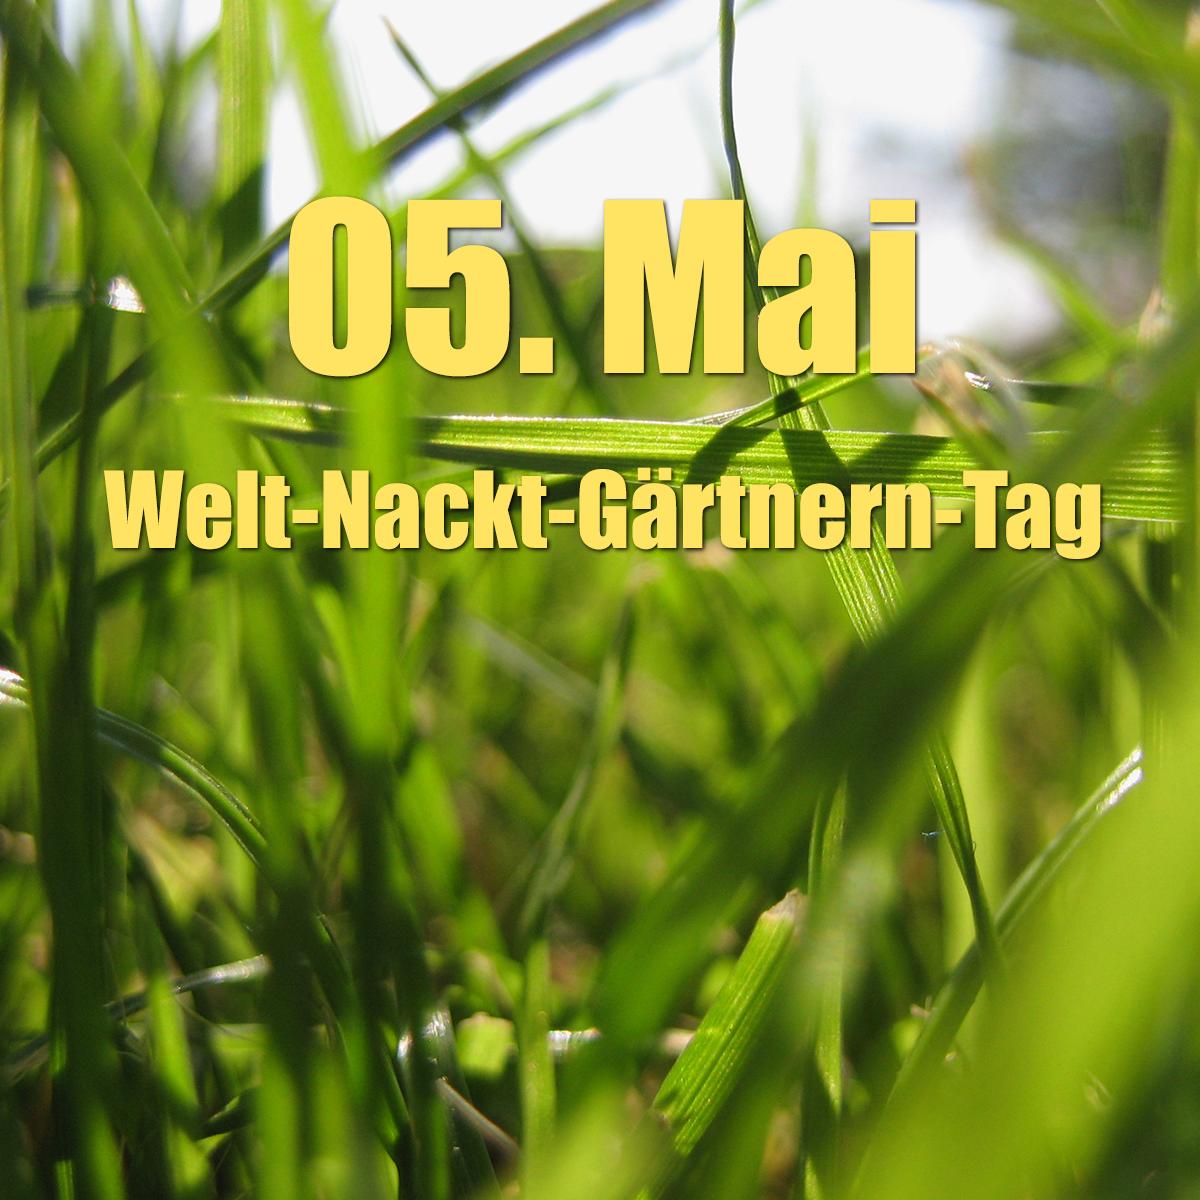 Welt-Nackt-Gärtnern-Tag